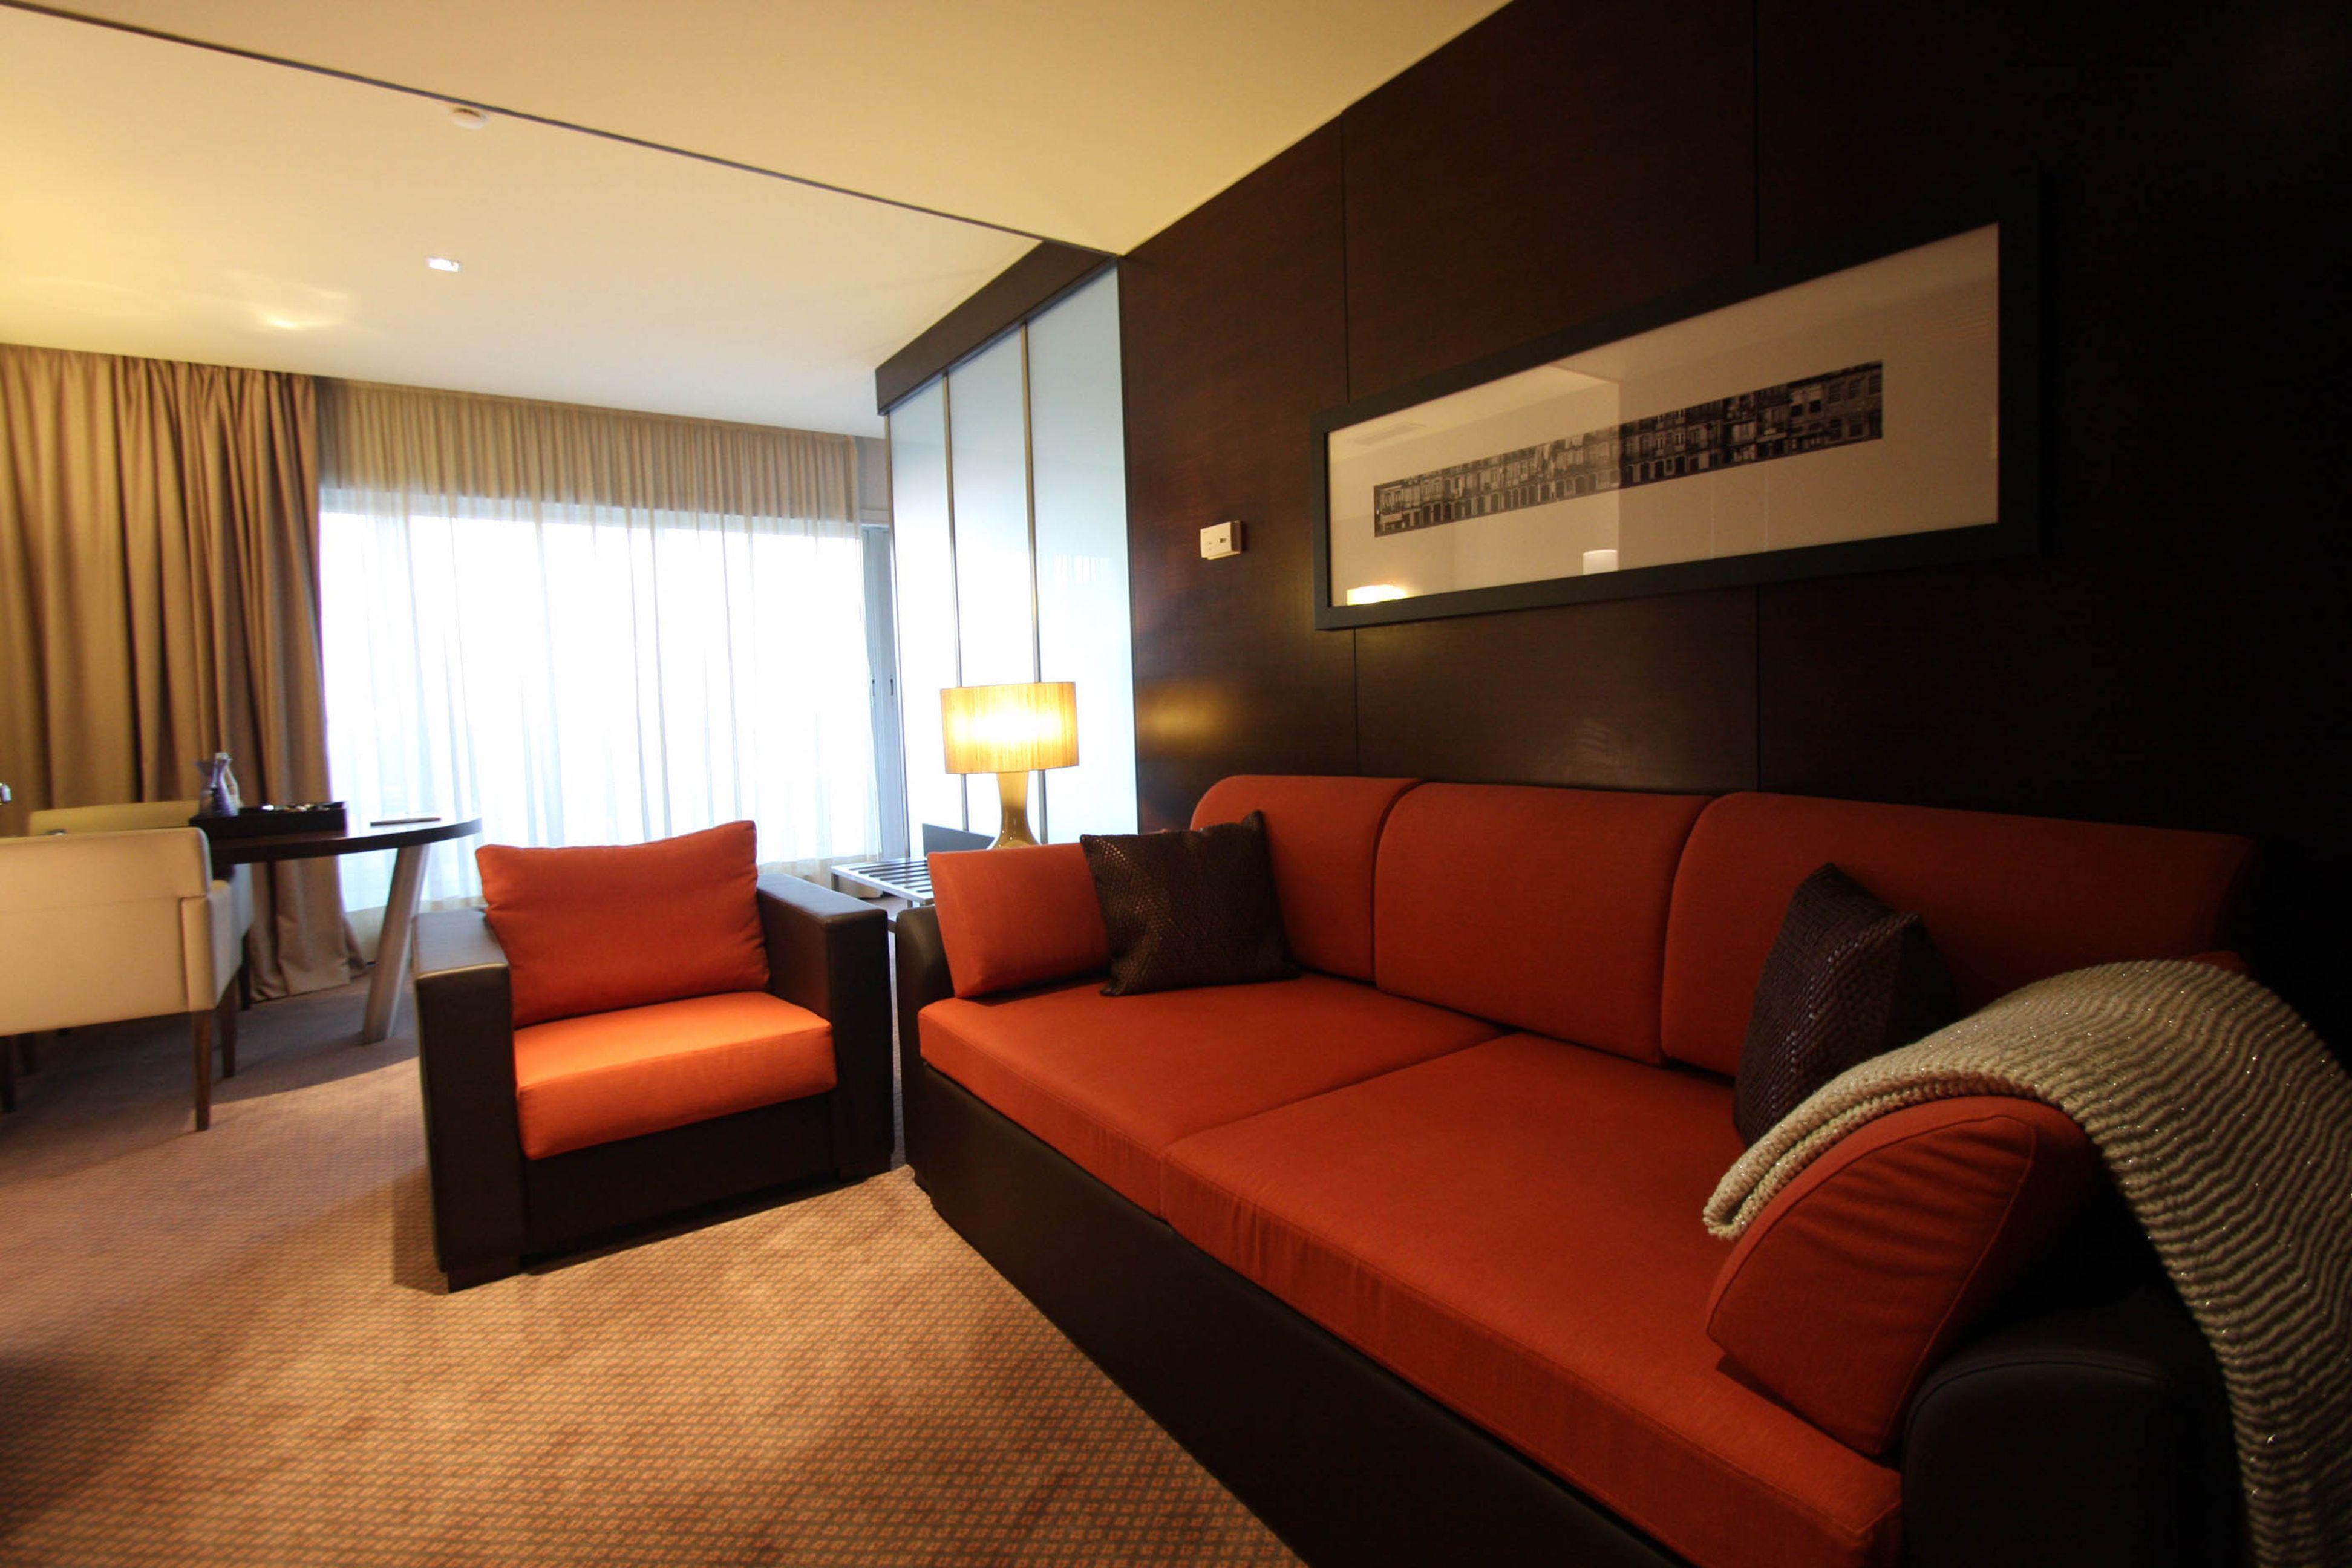 040_bessahotel_suite deluxe4